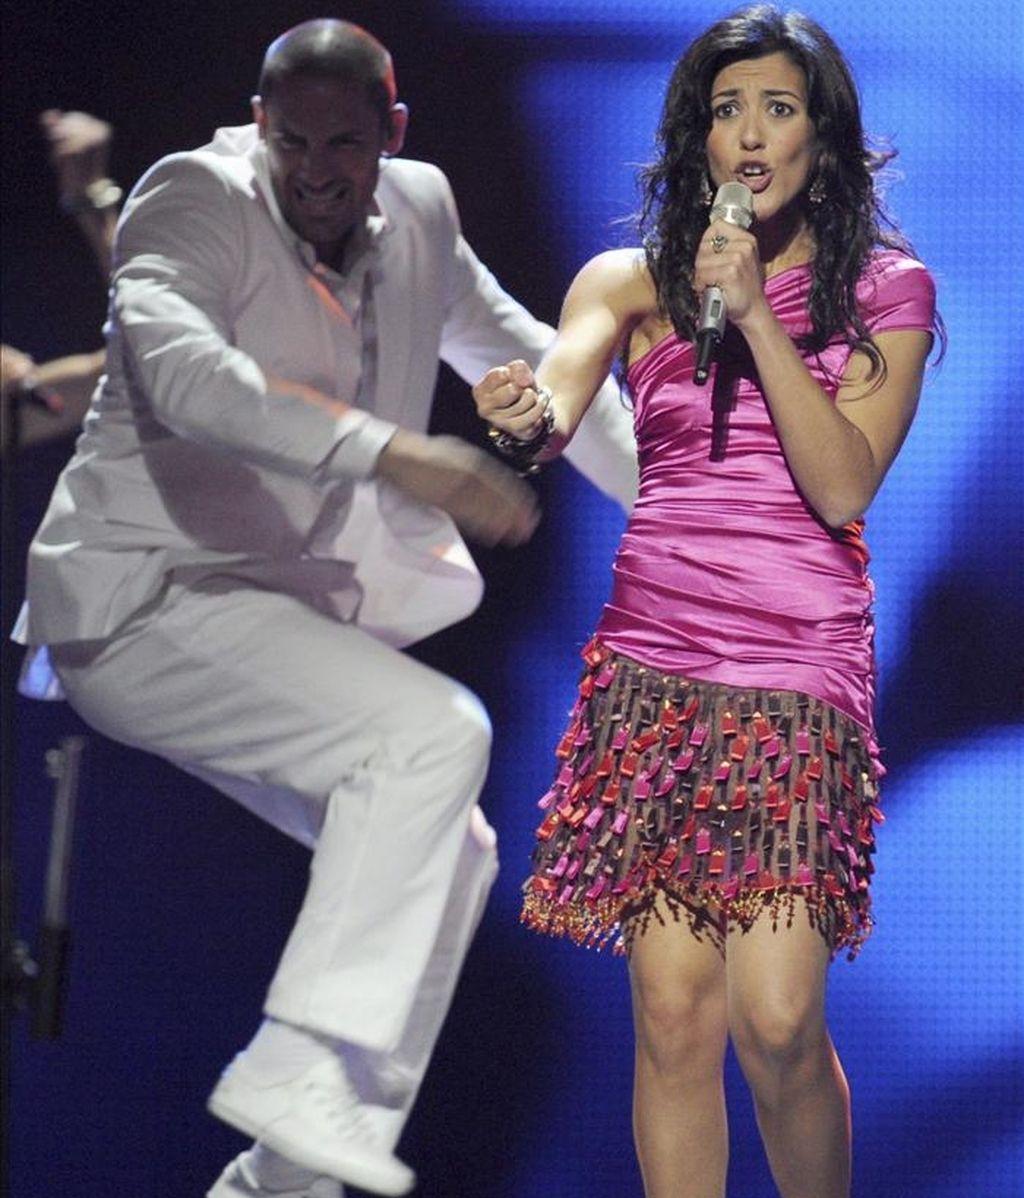 La representante española Lucia Pérez actúa durante la prueba de vestuario del Festival de Eurovisión, en Düsseldorf, Alemania, cuya final se celebrará el próximo sábado. EFE